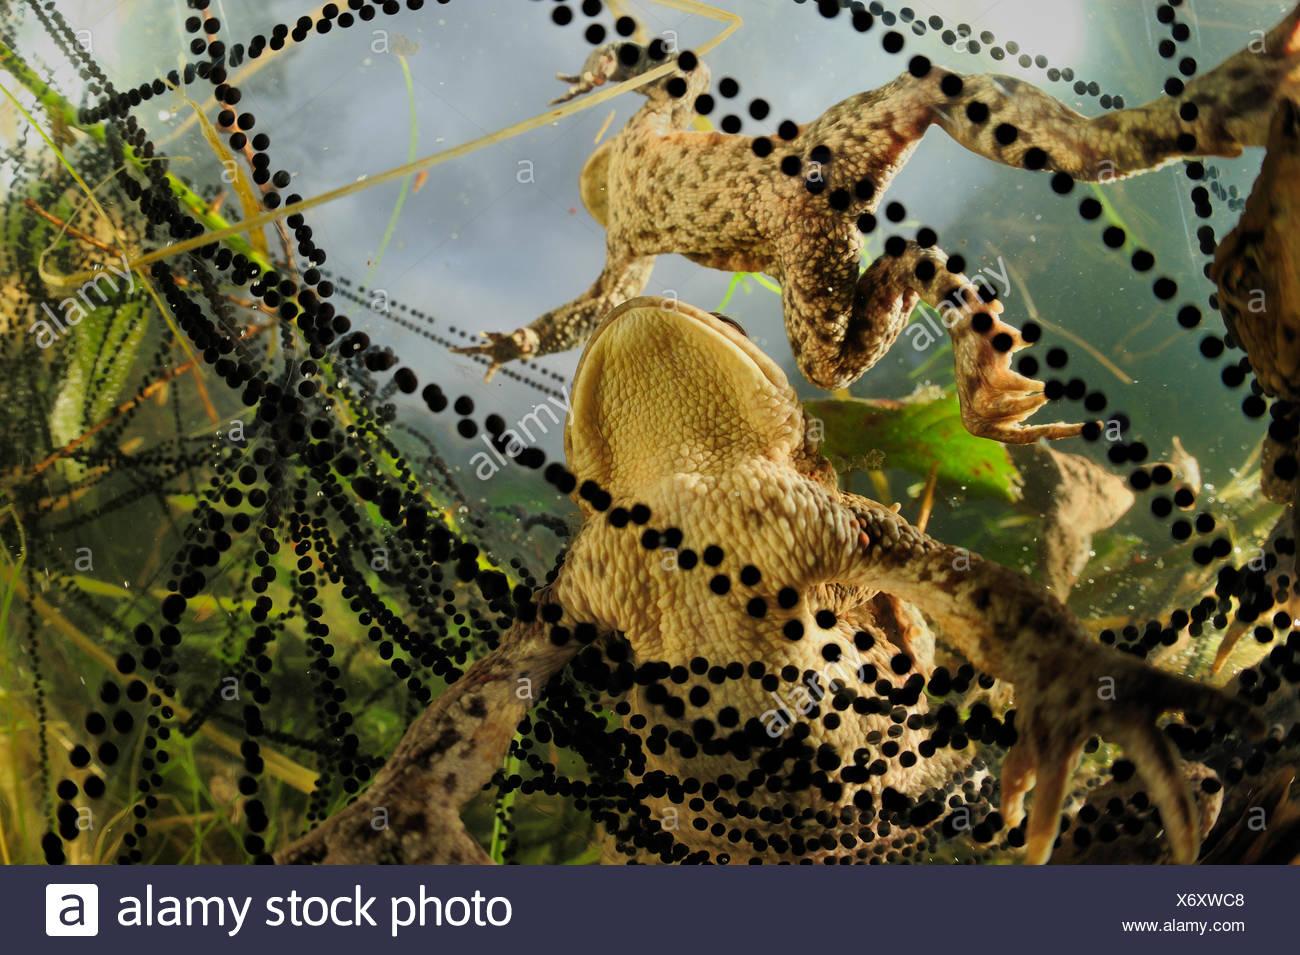 Par de sapos común europeo (Bufo bufo) con cadenas de toadspawn, en el estanque, Alemania Imagen De Stock